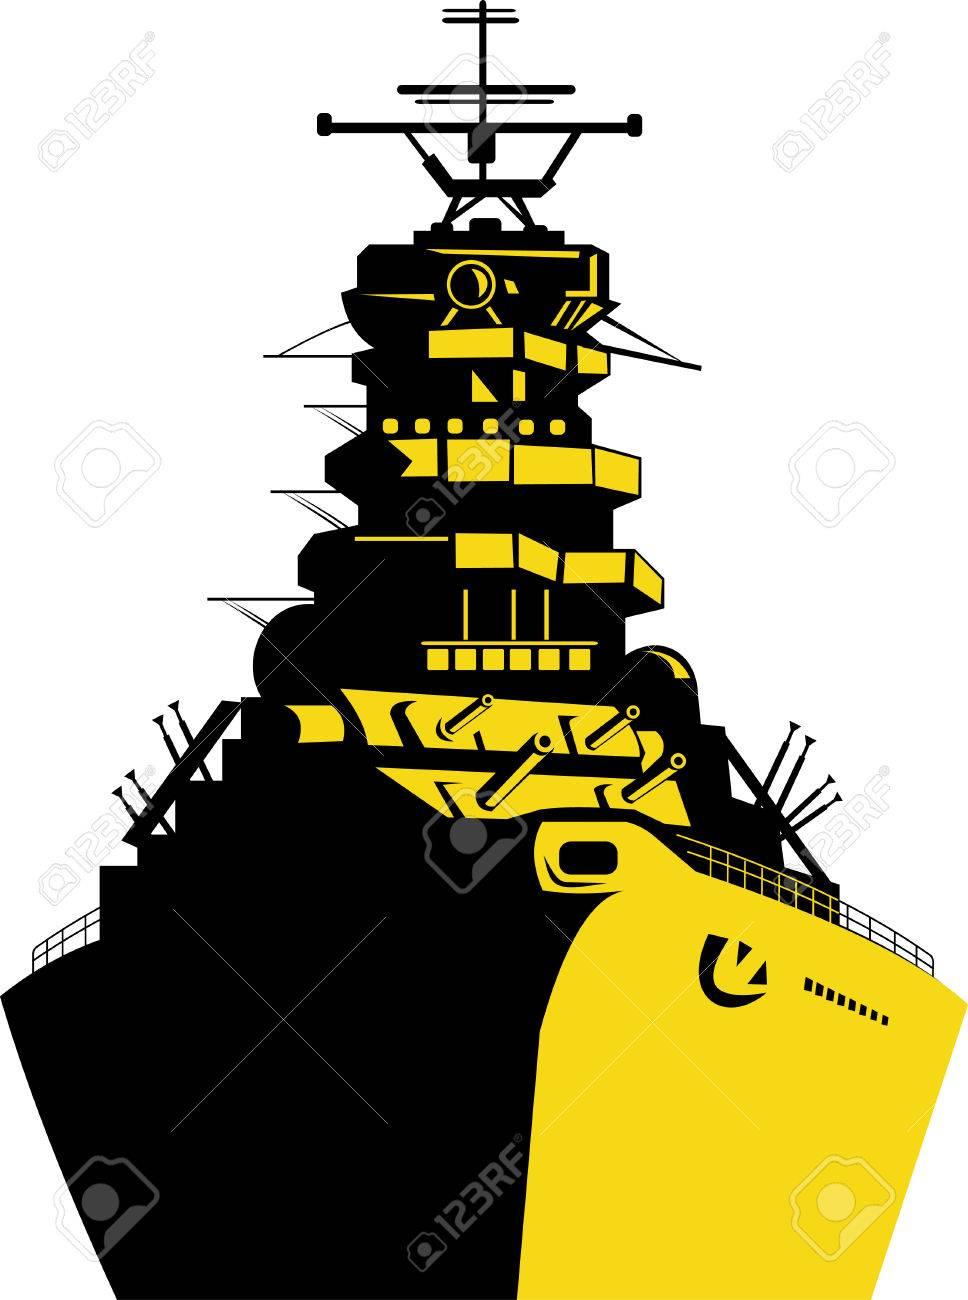 warship with big guns royalty free cliparts vectors and stock rh 123rf com navy battleship clipart battleship clipart black and white